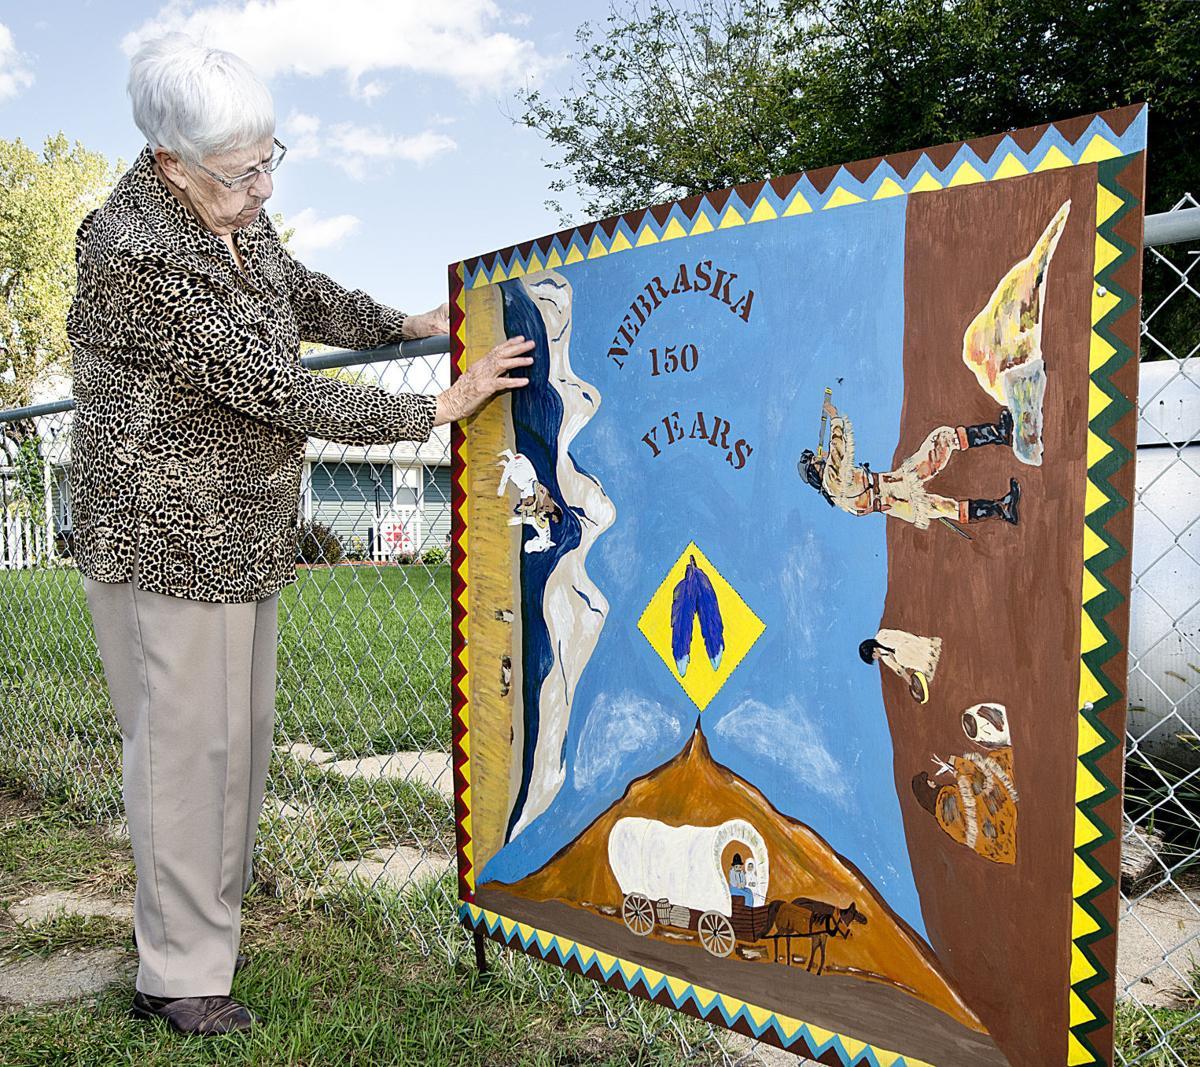 Nebraska 150th barn quilt